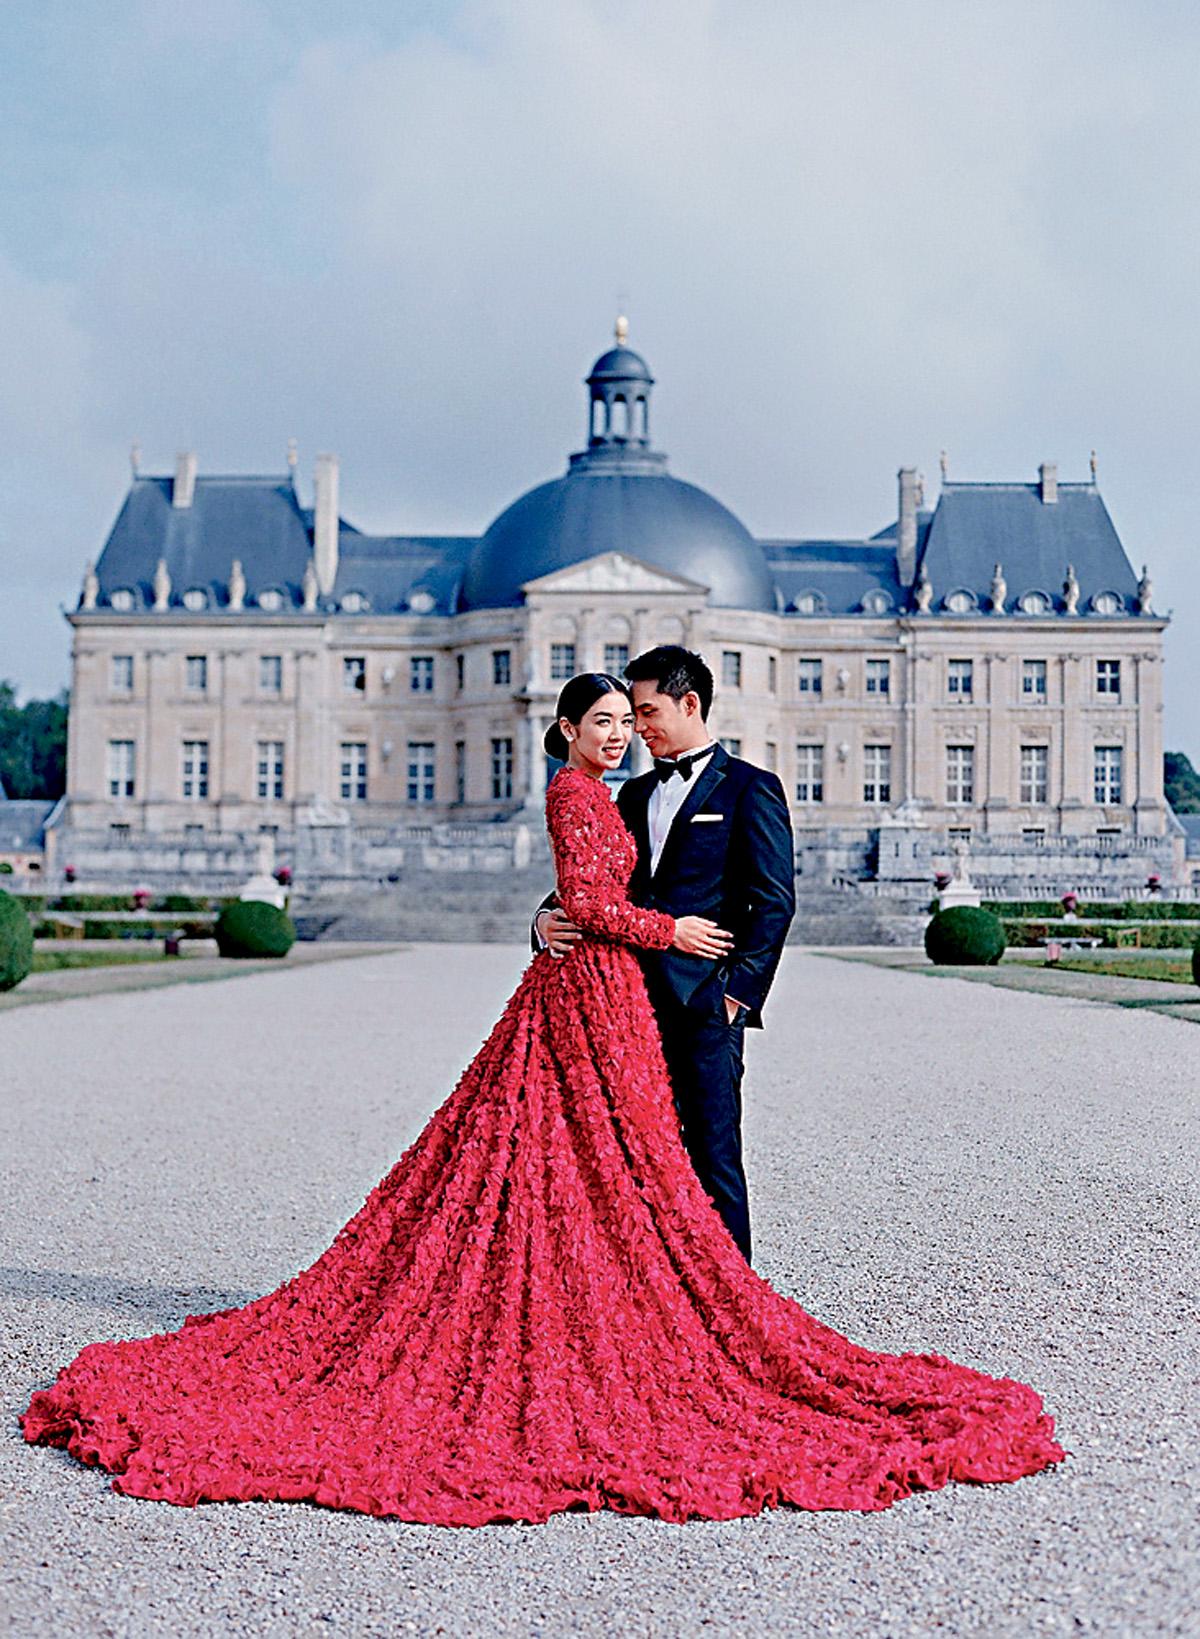 ■嚴紀雯與老公到法國影夢幻婚紗照。